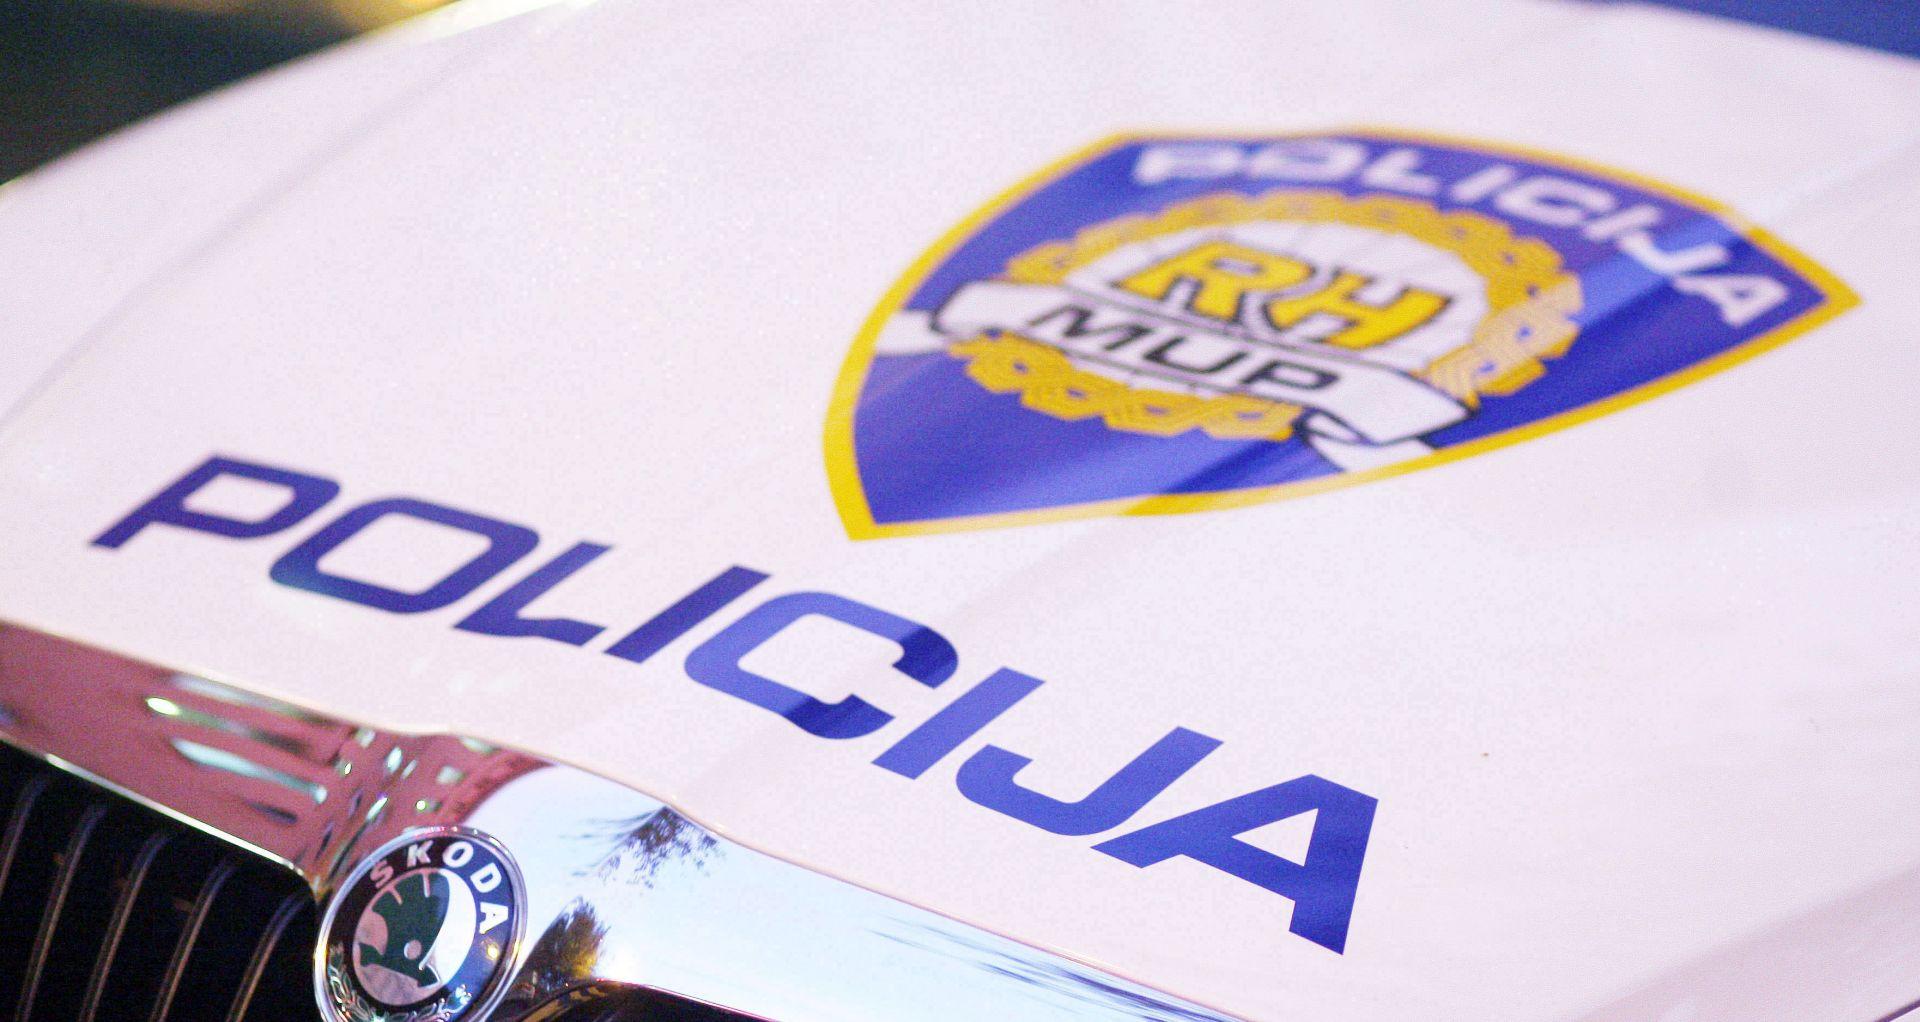 Četiri i pol godine zatvora vozaču koji je pijan usmrtio ljude na Kvatriću pa pobjegao